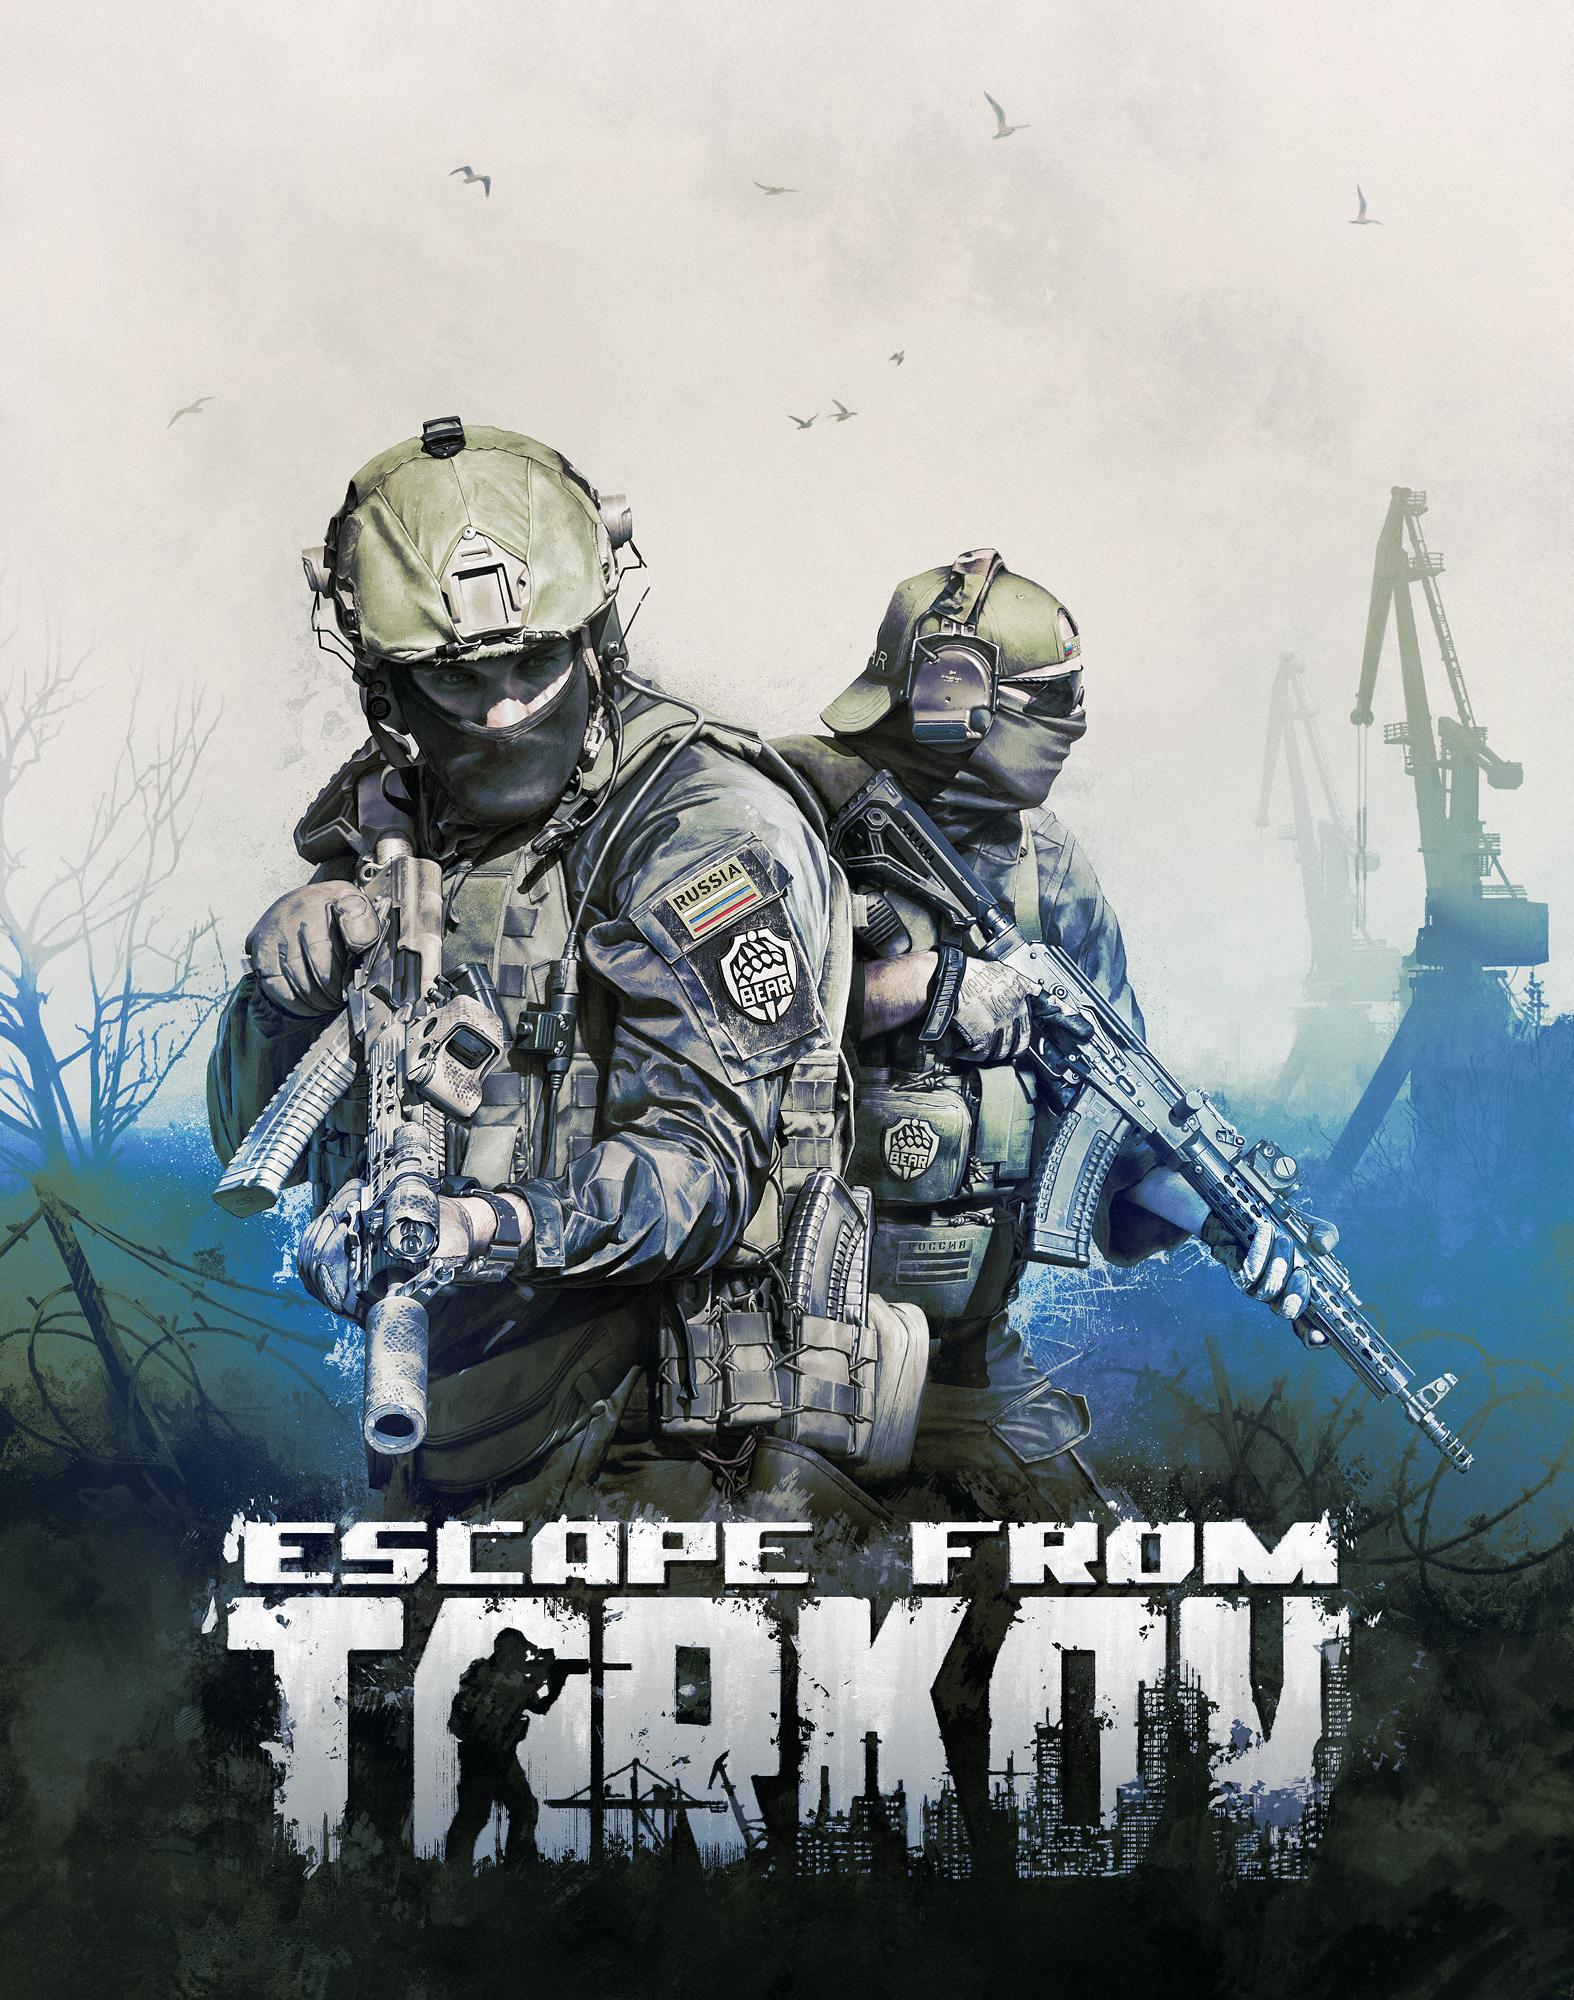 逃离塔科夫负责人独家采访:游戏以后会登陆多平台,不止Steam